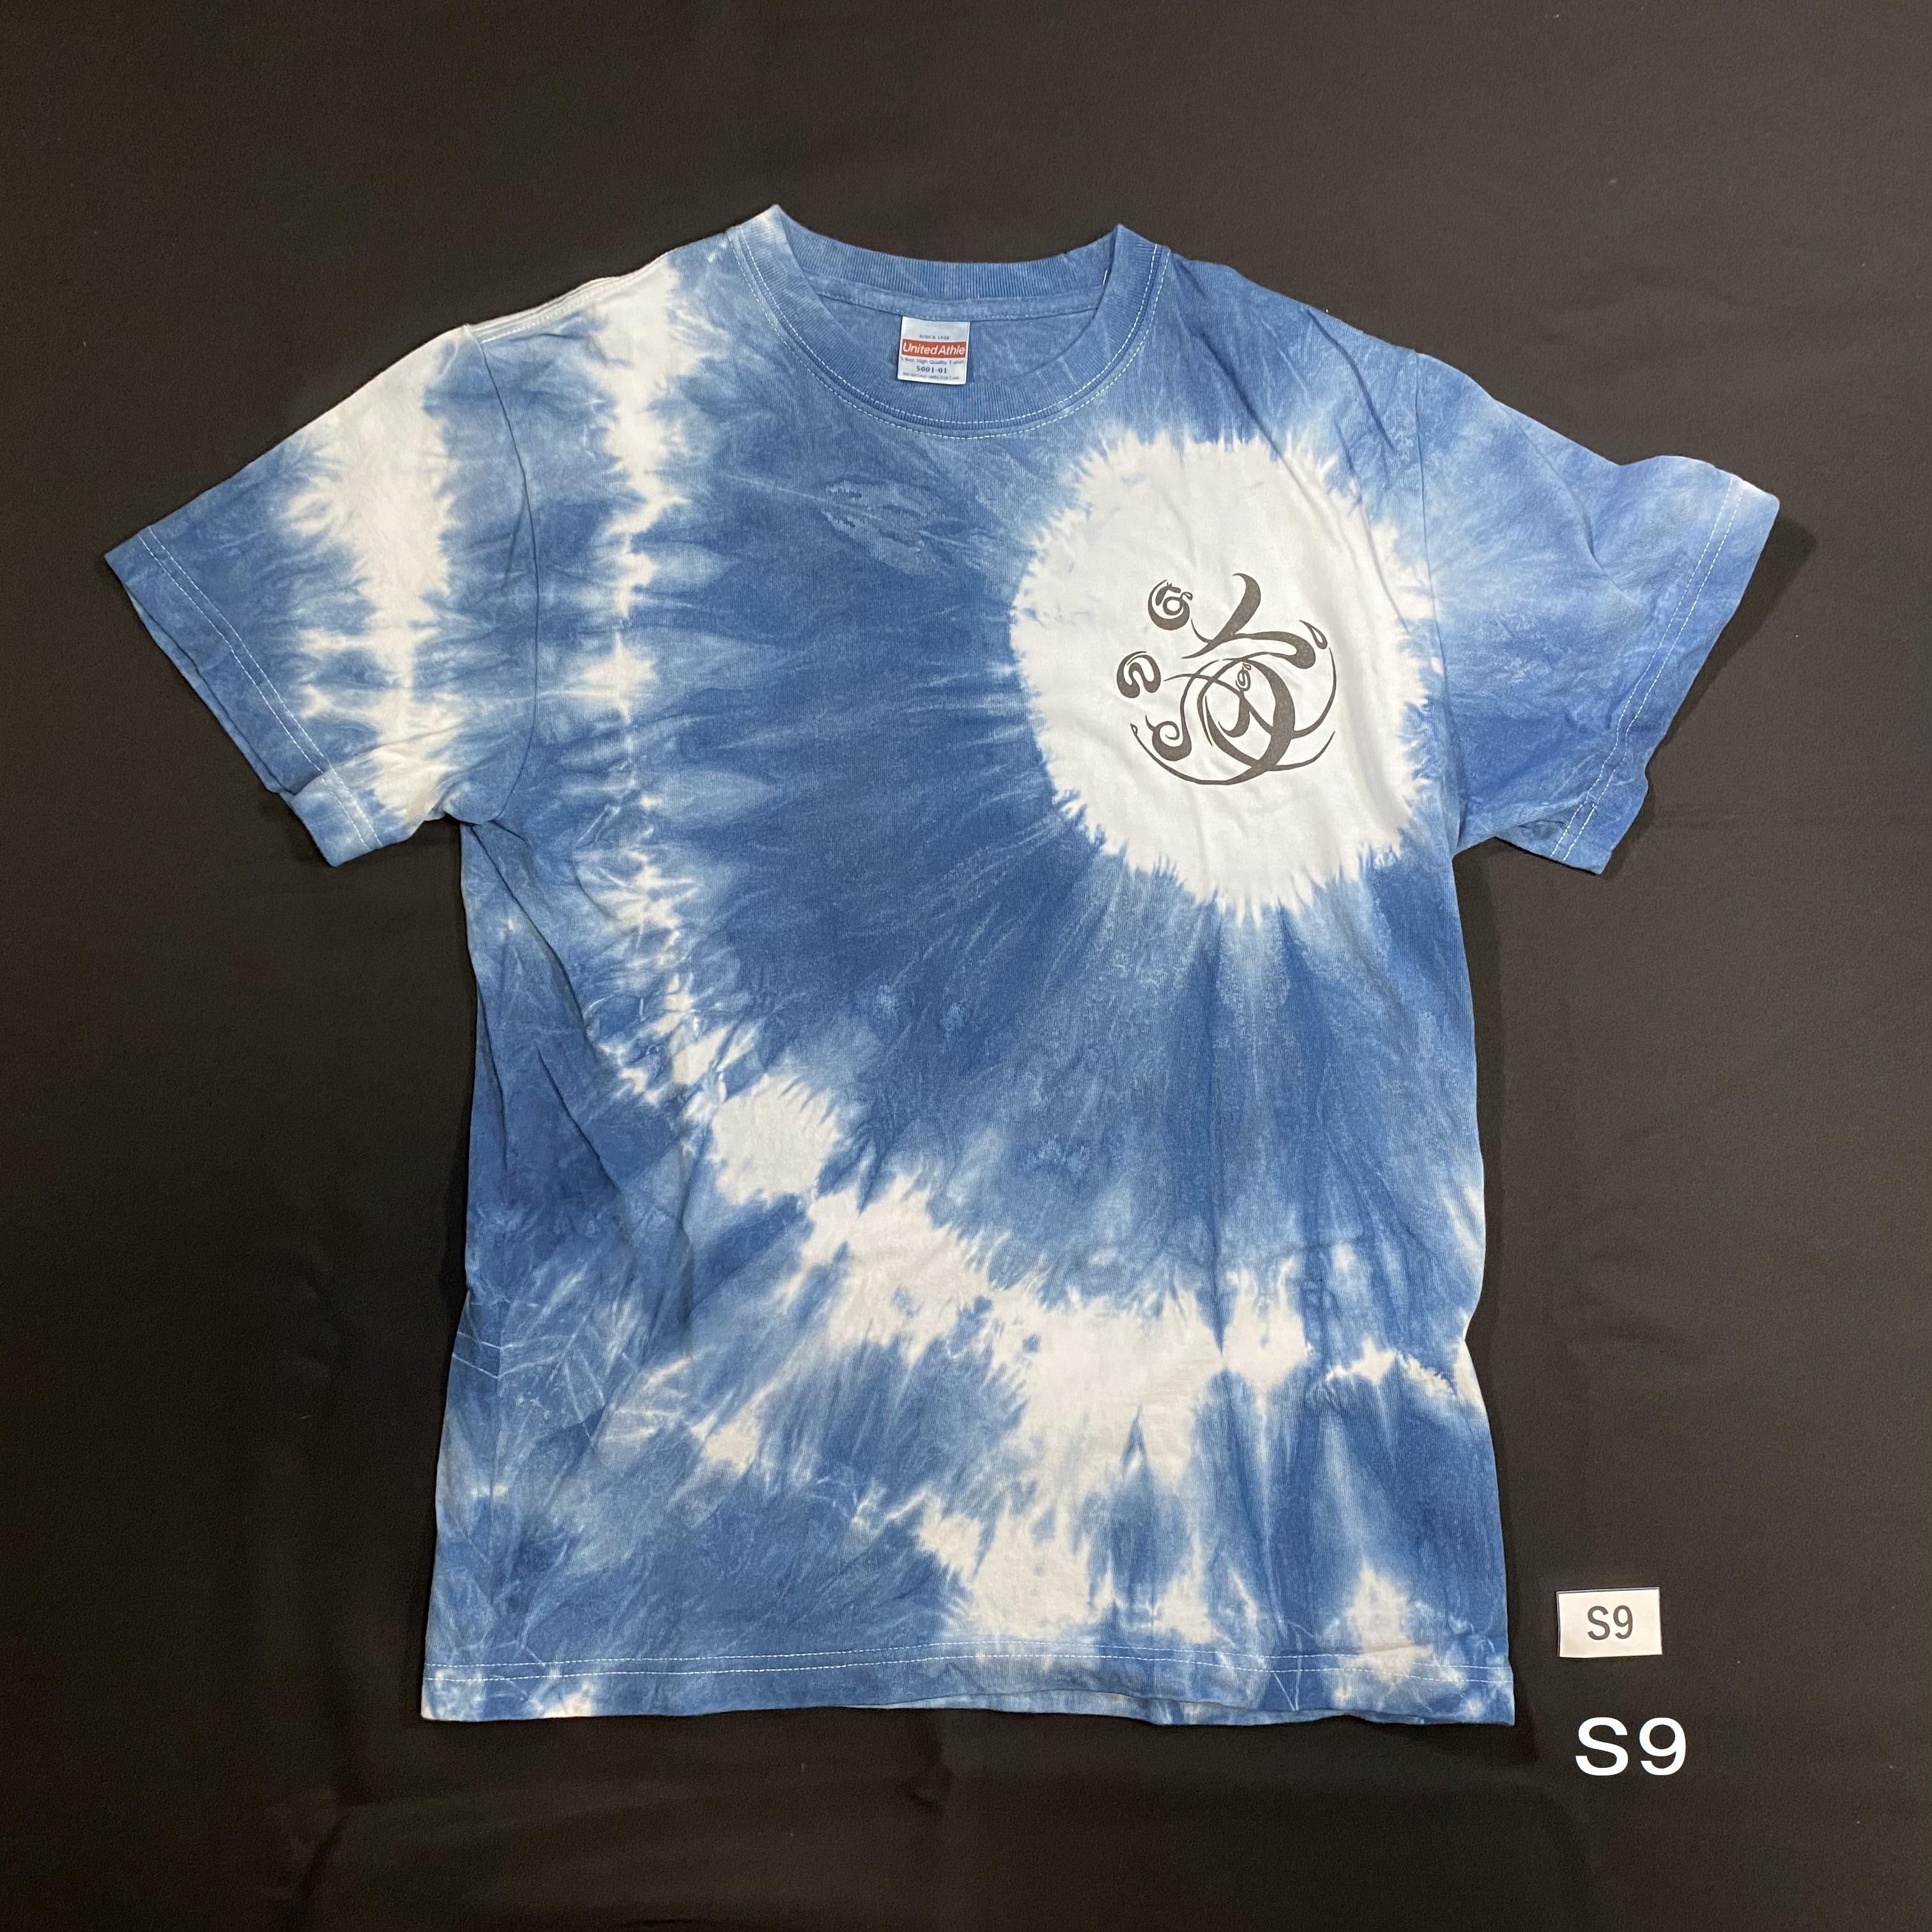 こころMoji×藍染Tシャツ(S9)